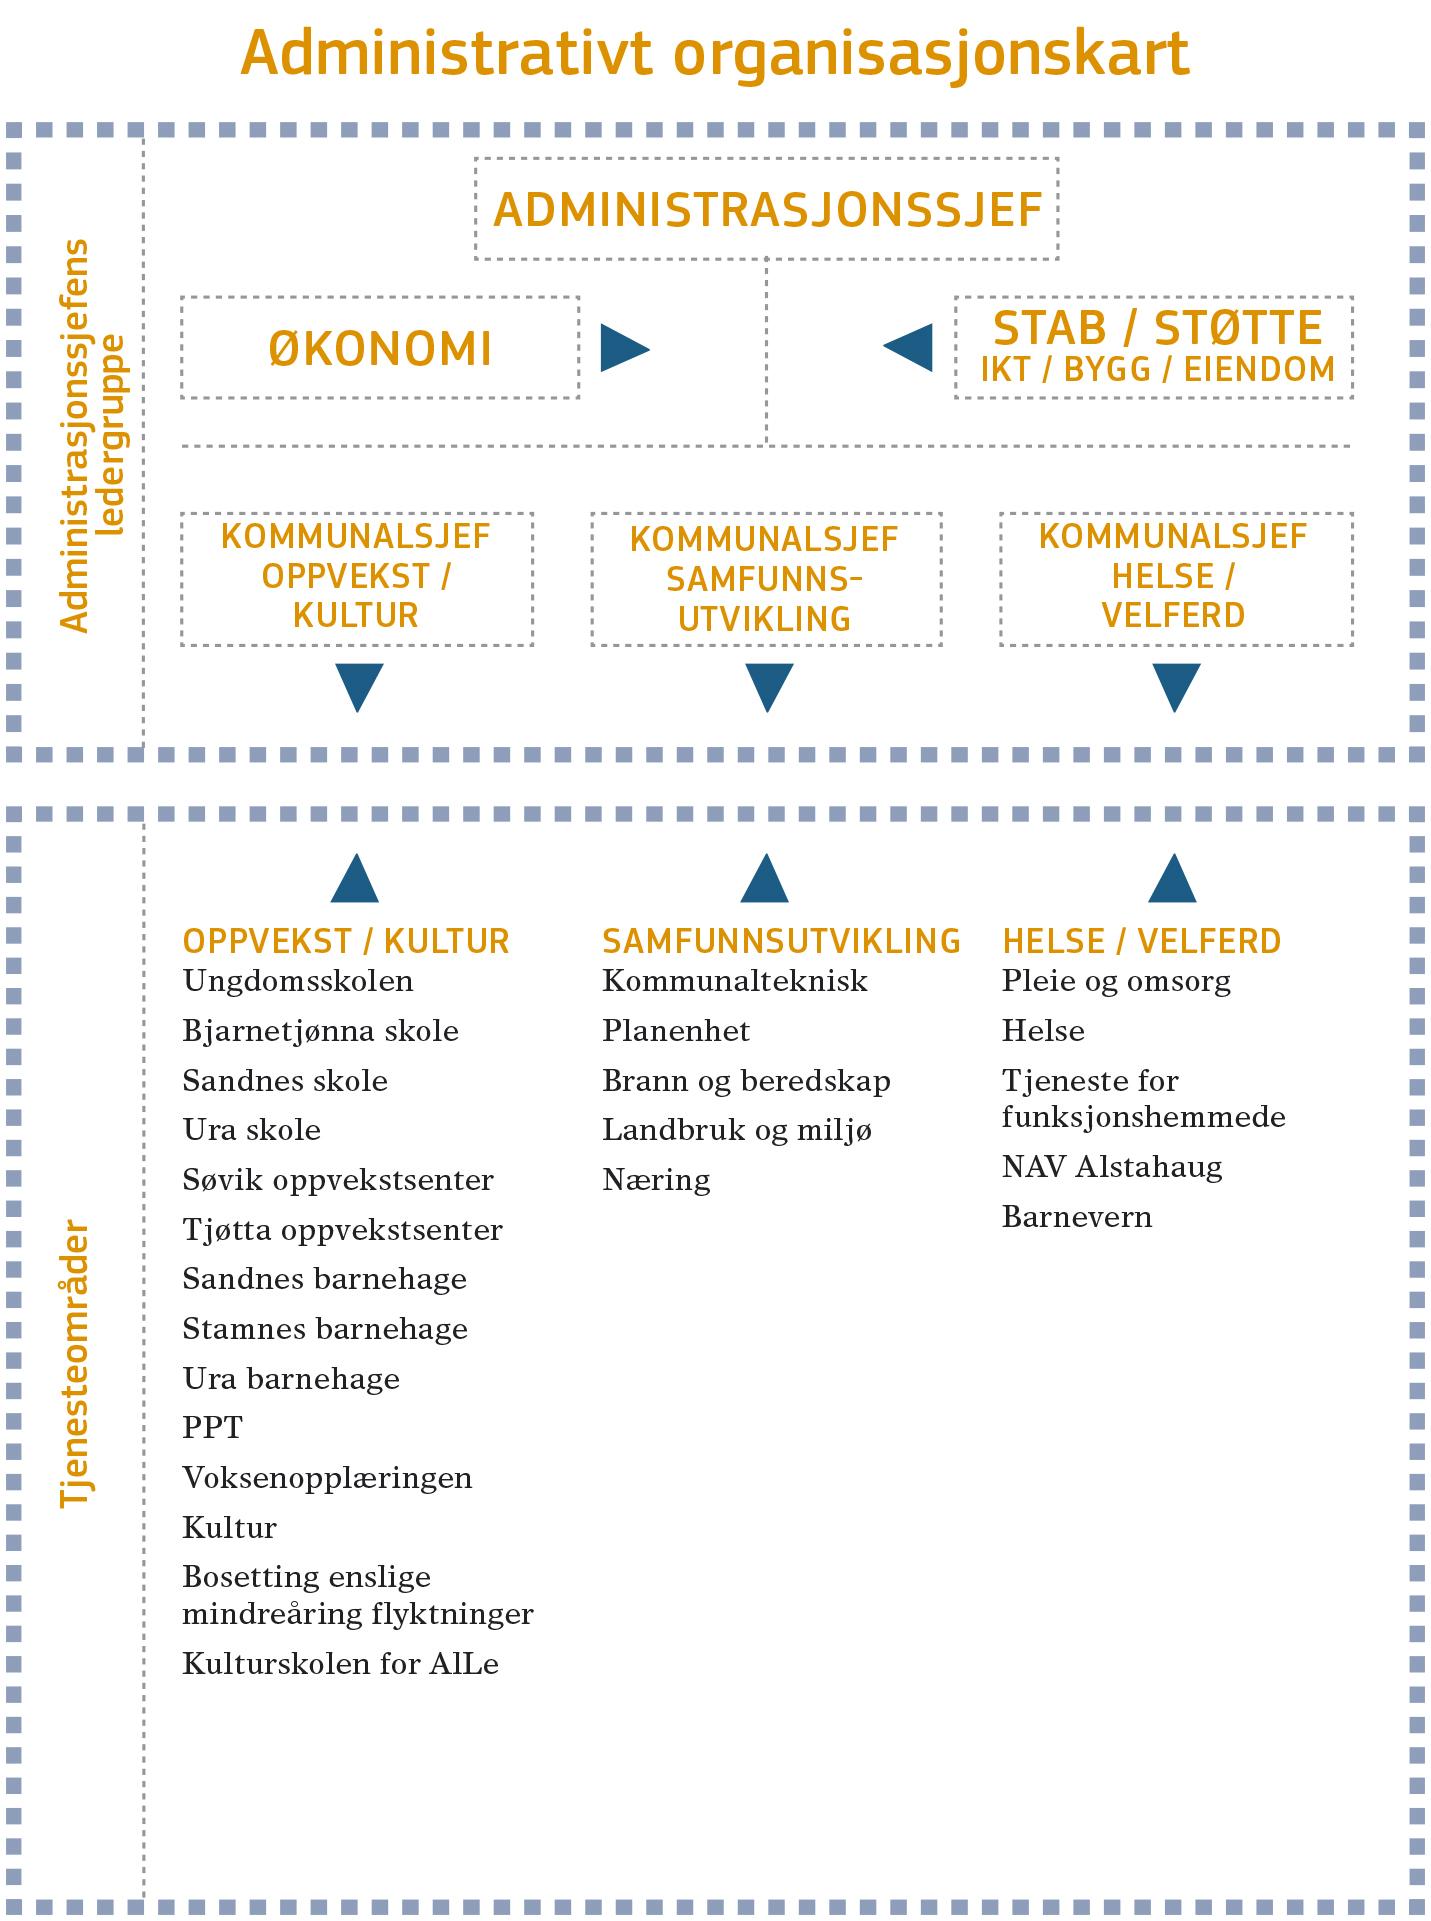 Administrativt organisasjonskart.jpg